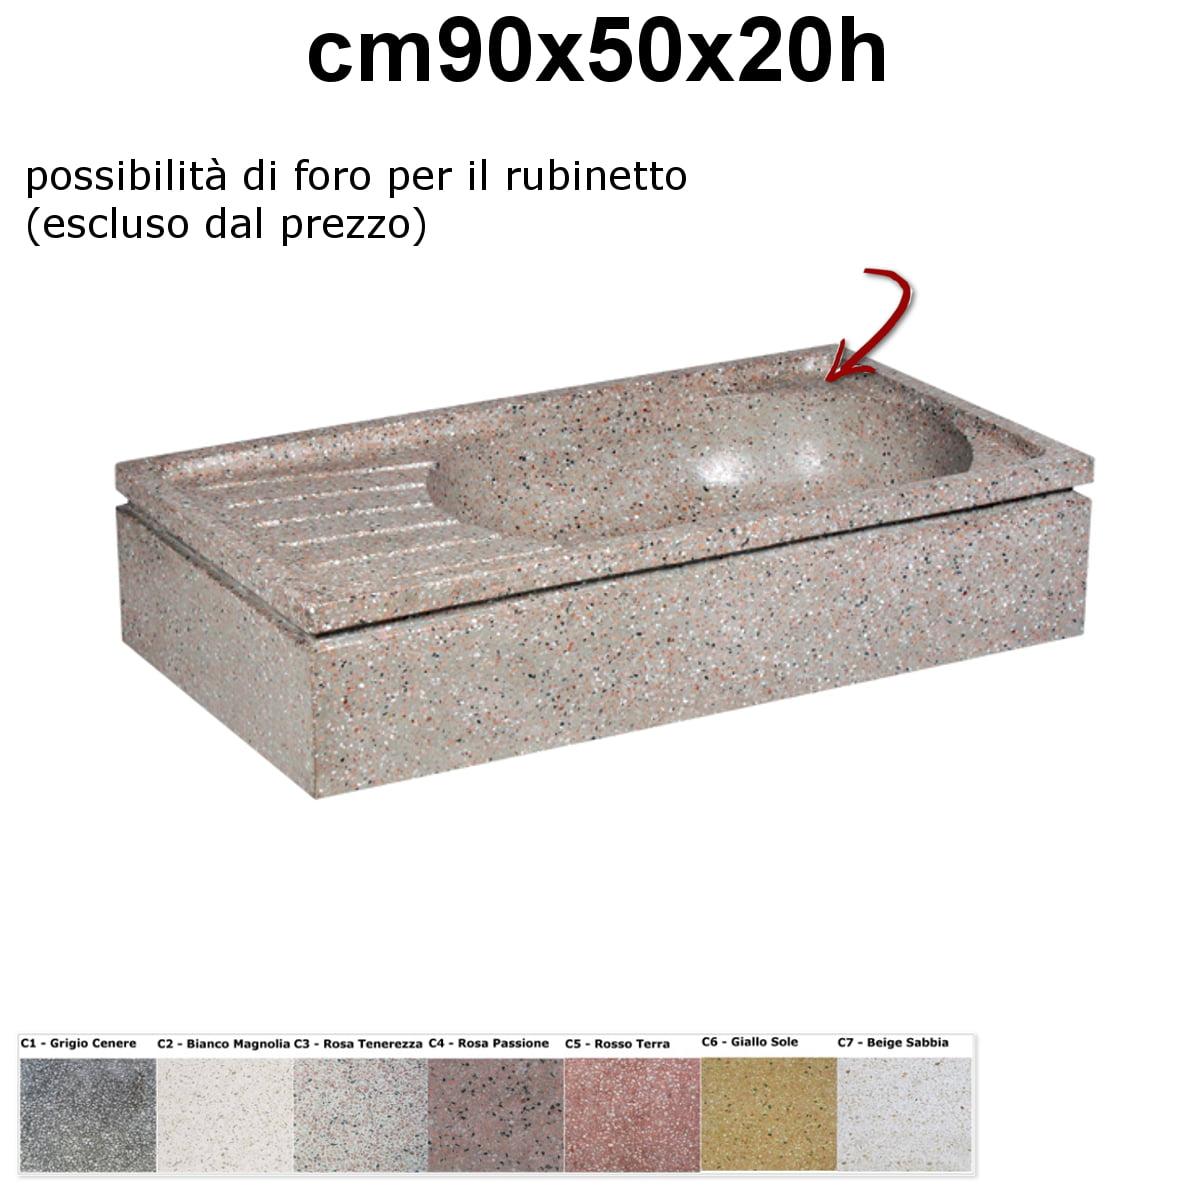 Lavandini da esterno moderni gg21 regardsdefemmes - Lavandini in pietra da esterno ...